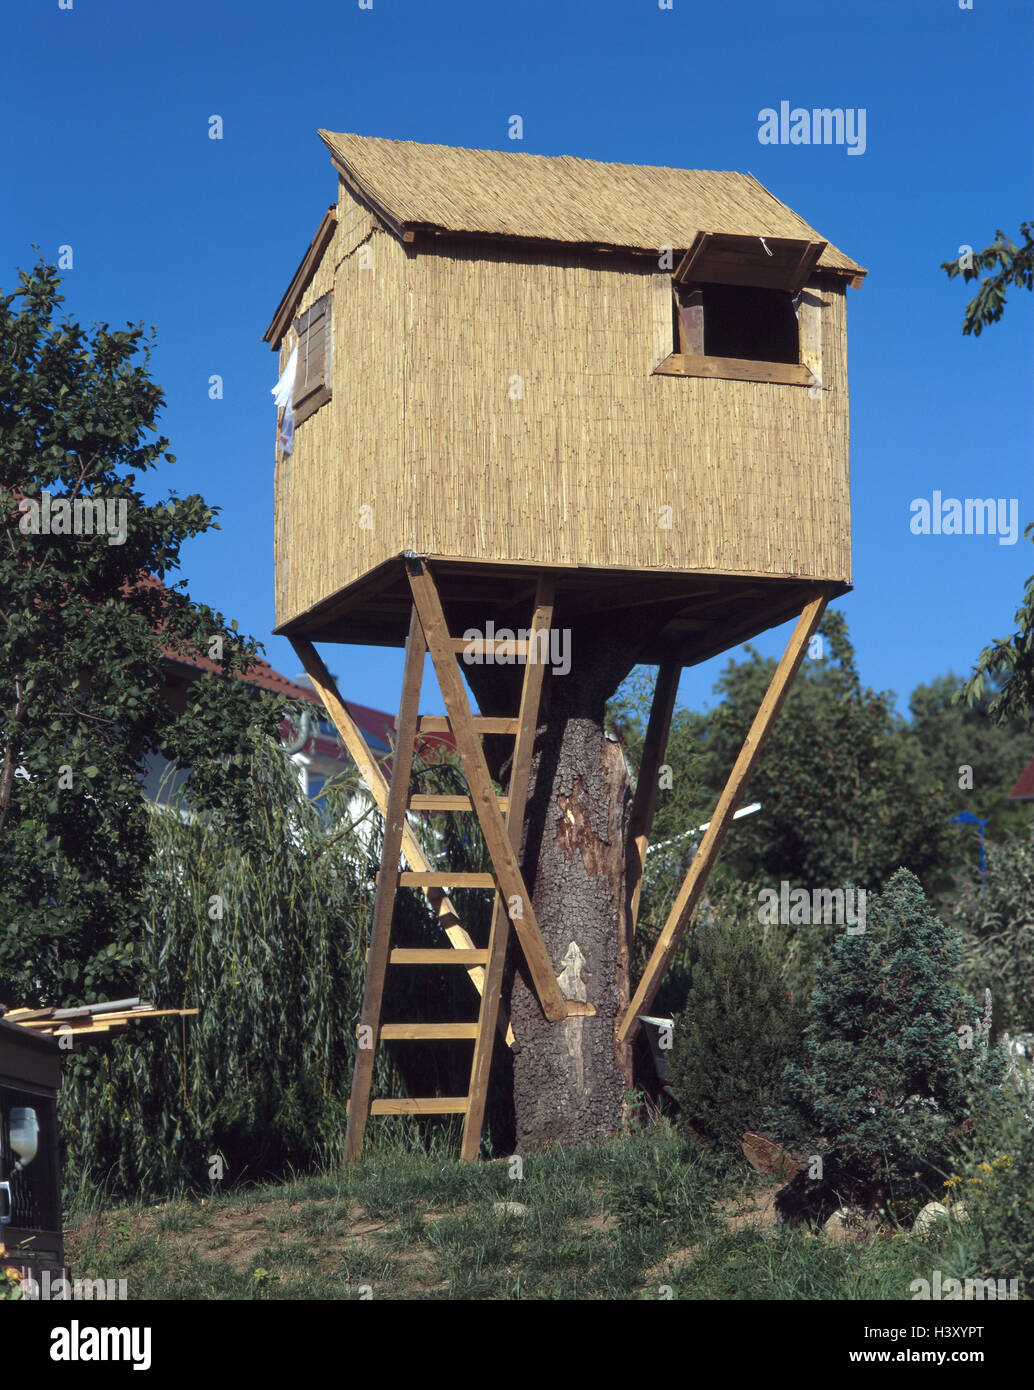 Jardin, tree-house, jardin, arbre, bois, maison de bois ...